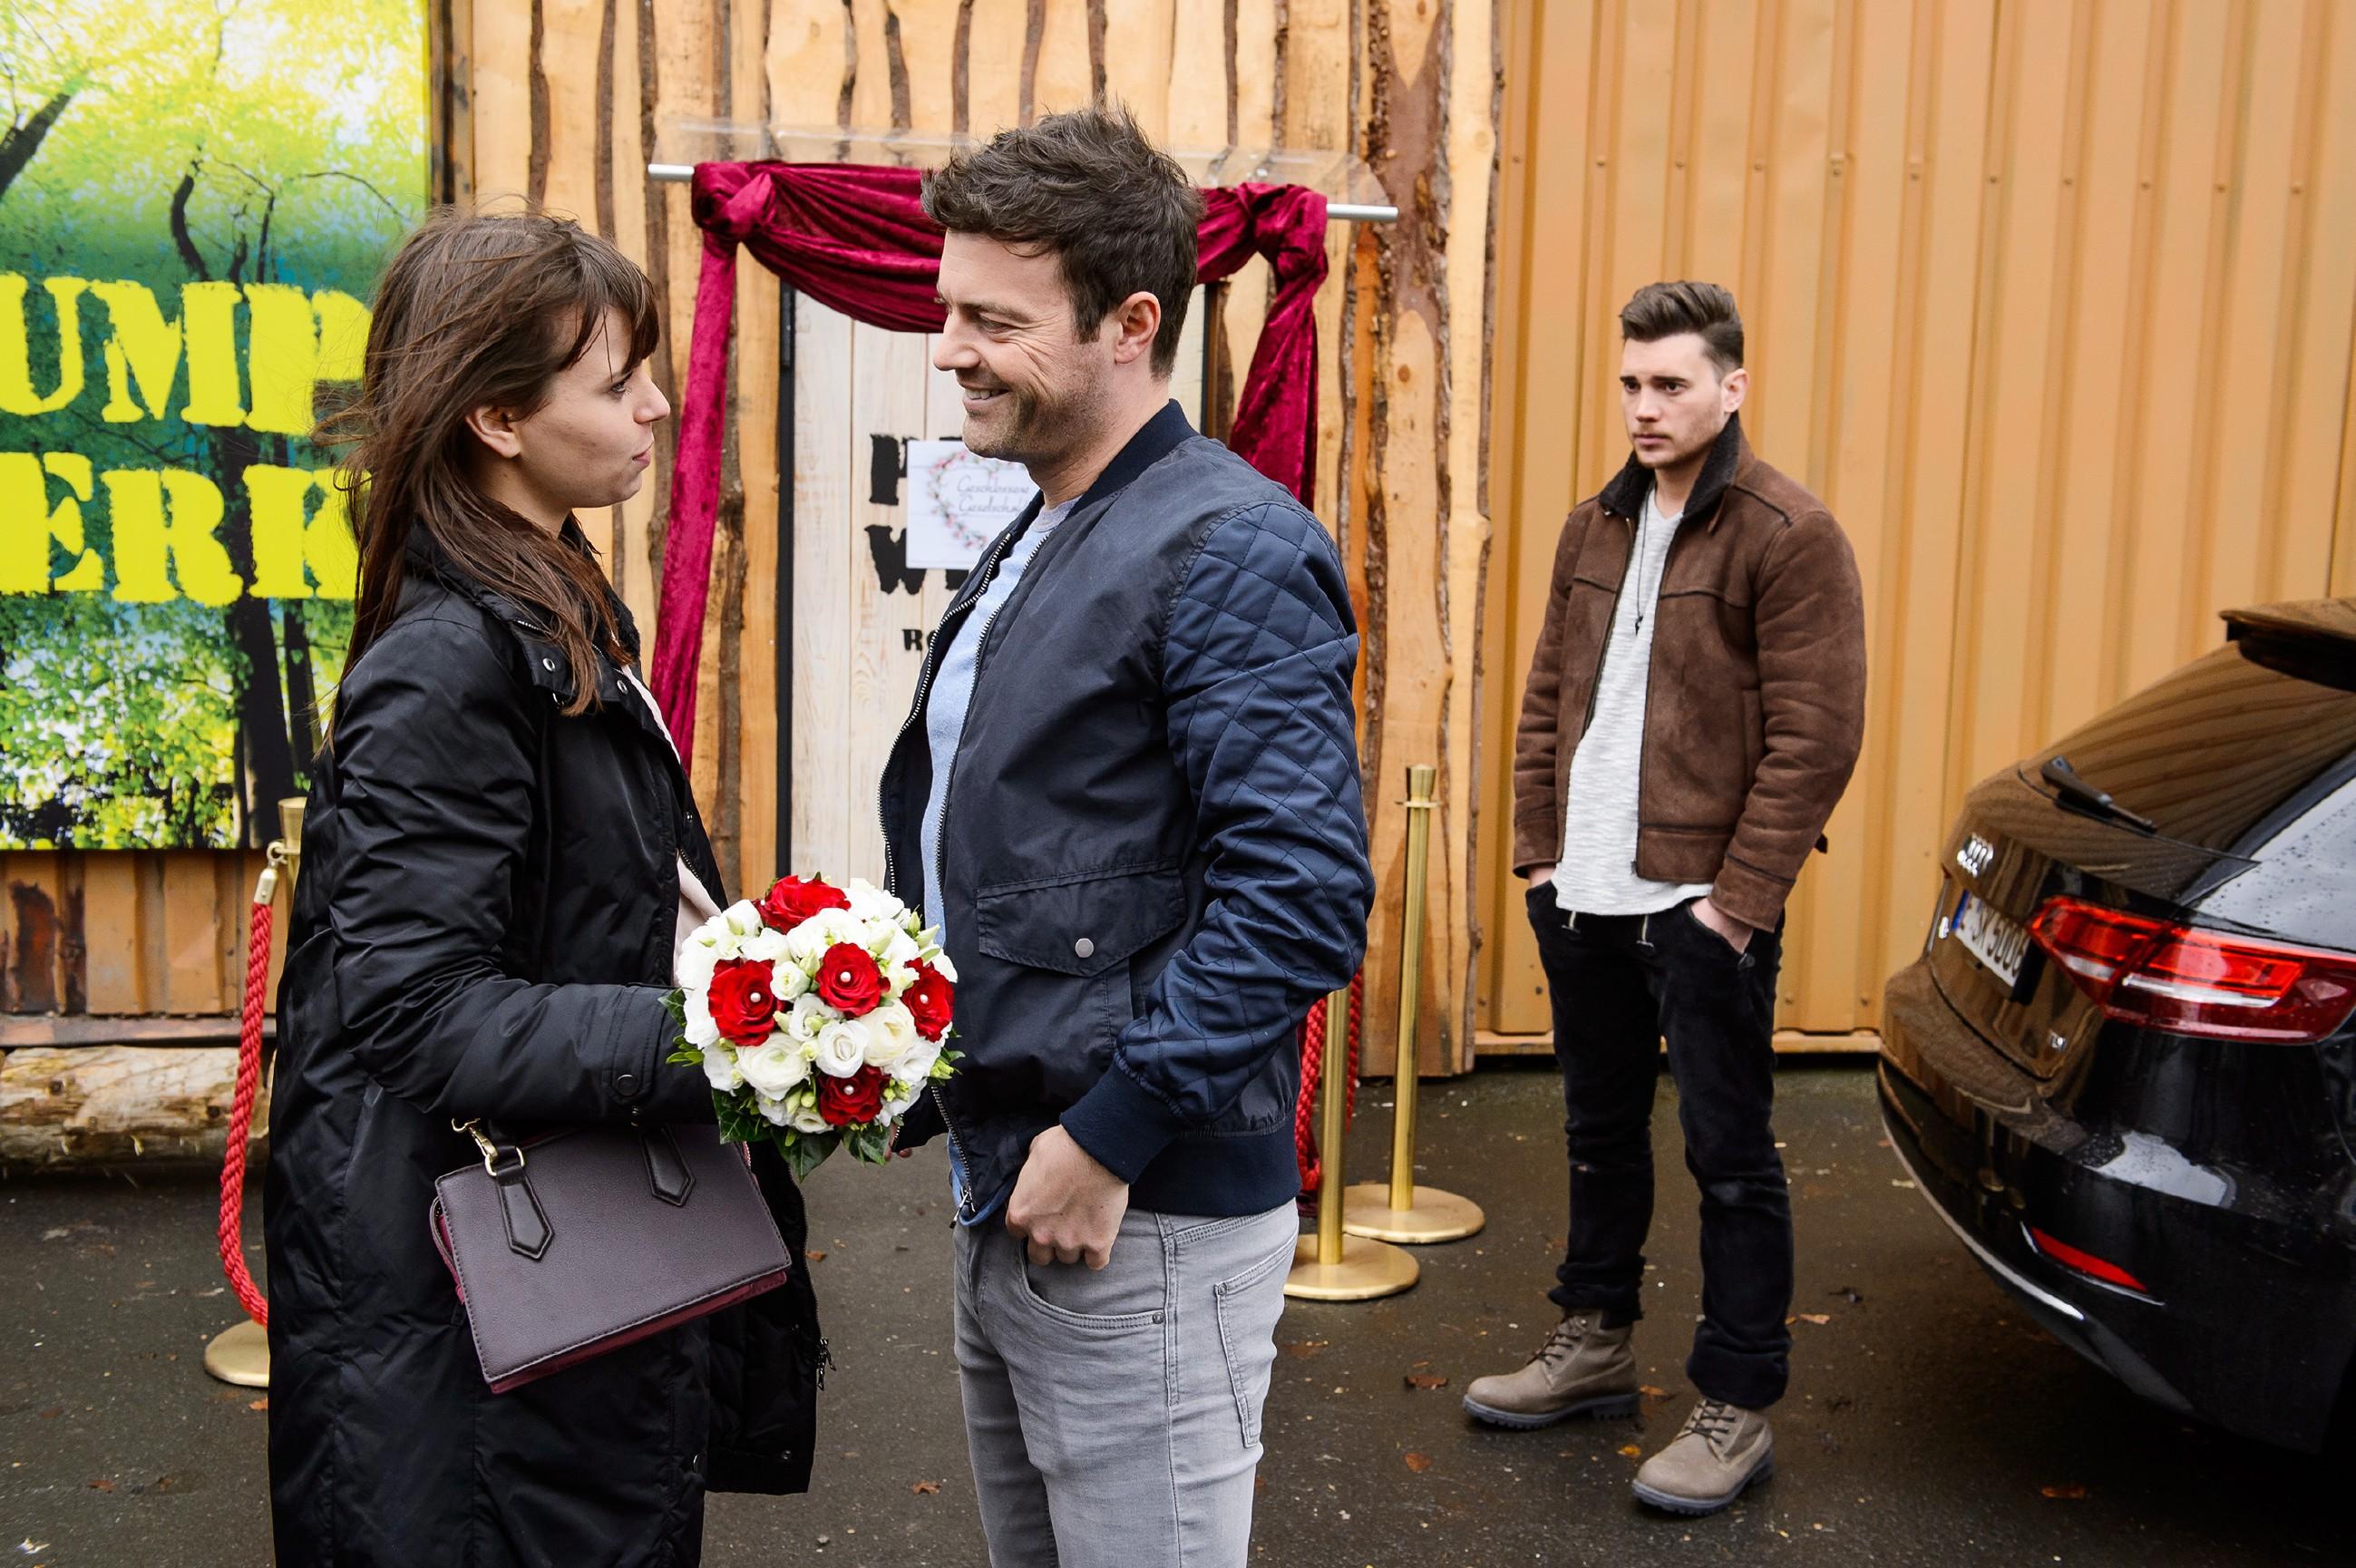 Als Ben (Jörg Rohde, M.) mit Ronny (Bela Klentze) die letzten Vorbereitungen vor der Hochzeit trifft, erscheint Michelle (Franziska Benz) mit dem Brautstrauss für Carmen und wird von Ben begrüsst. Ronny wirft ihr aus dem Hintergrund einen sehnsüchtigen Blick zu.